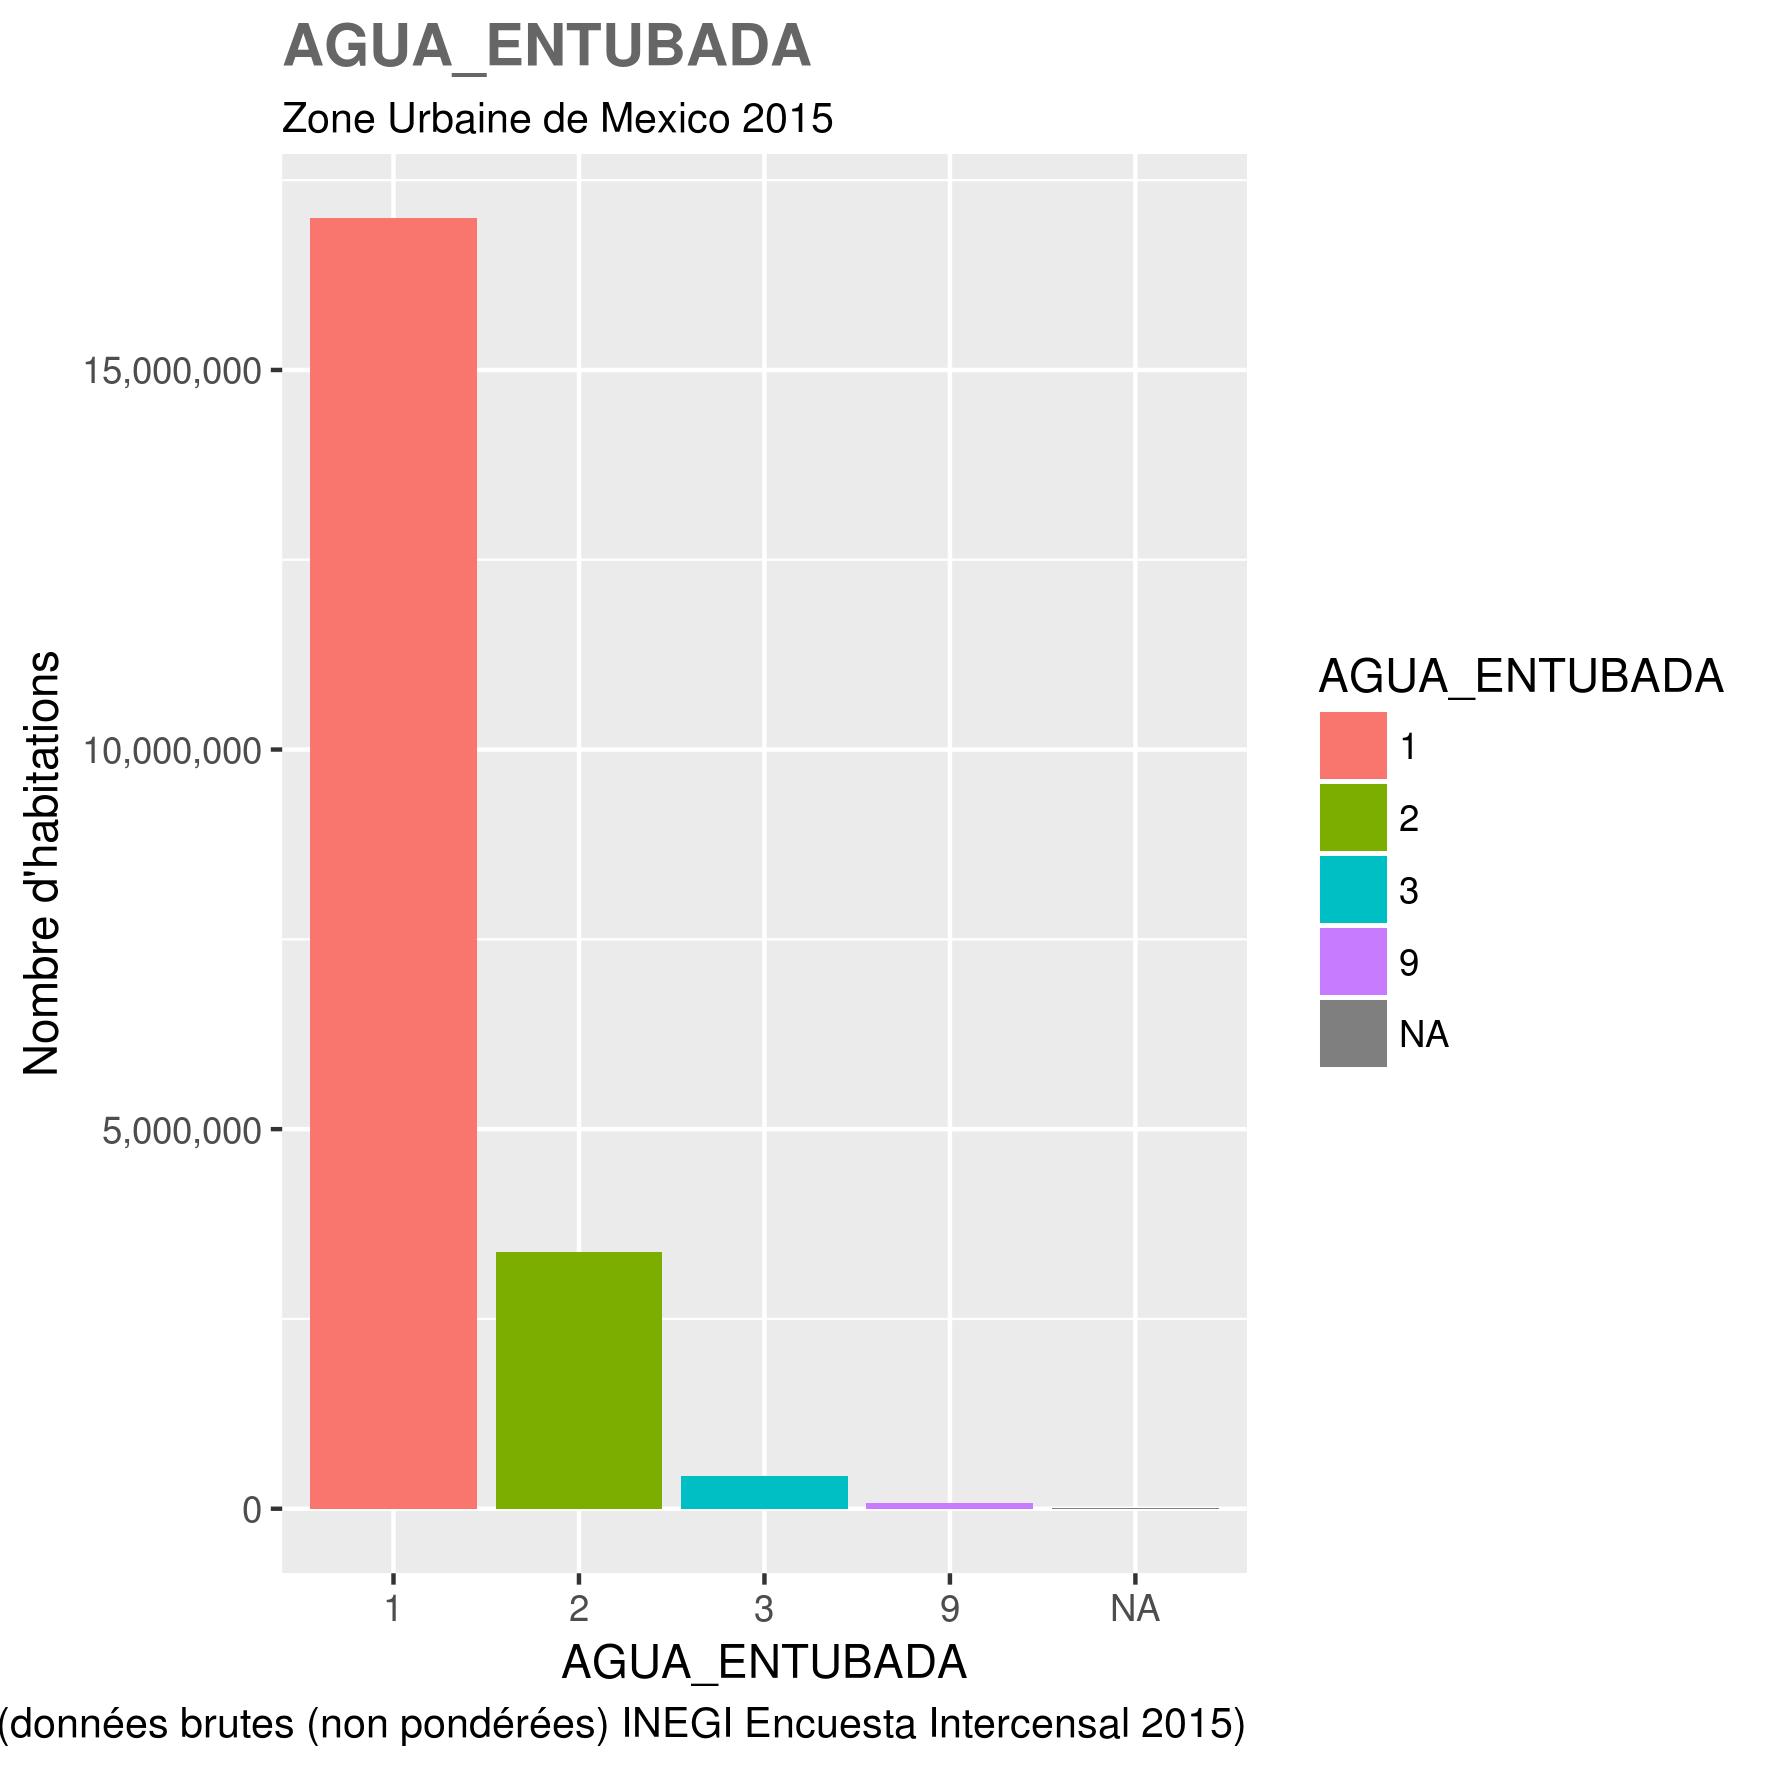 docs/images/ZUM_toutes_variables/2015_ZUM_AGUA_ENTUBADA.png